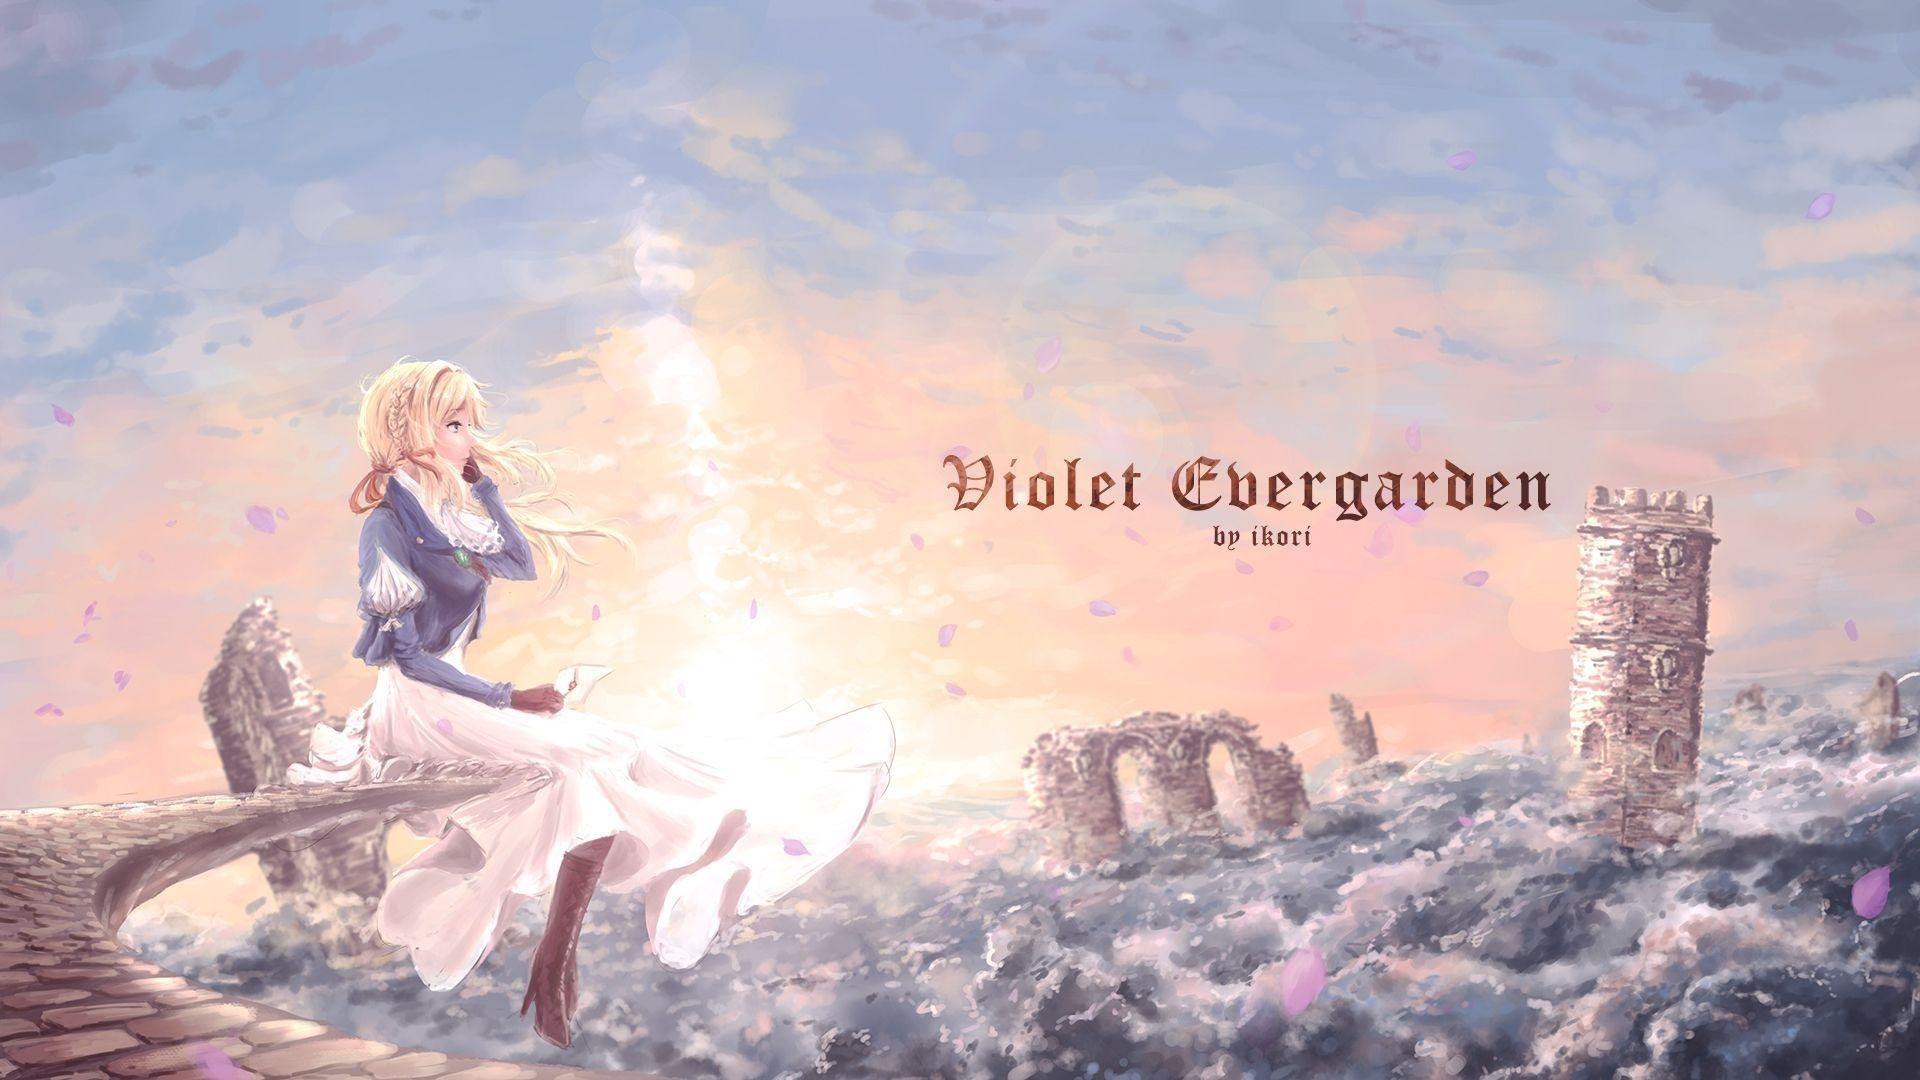 Violet Evergarden Background